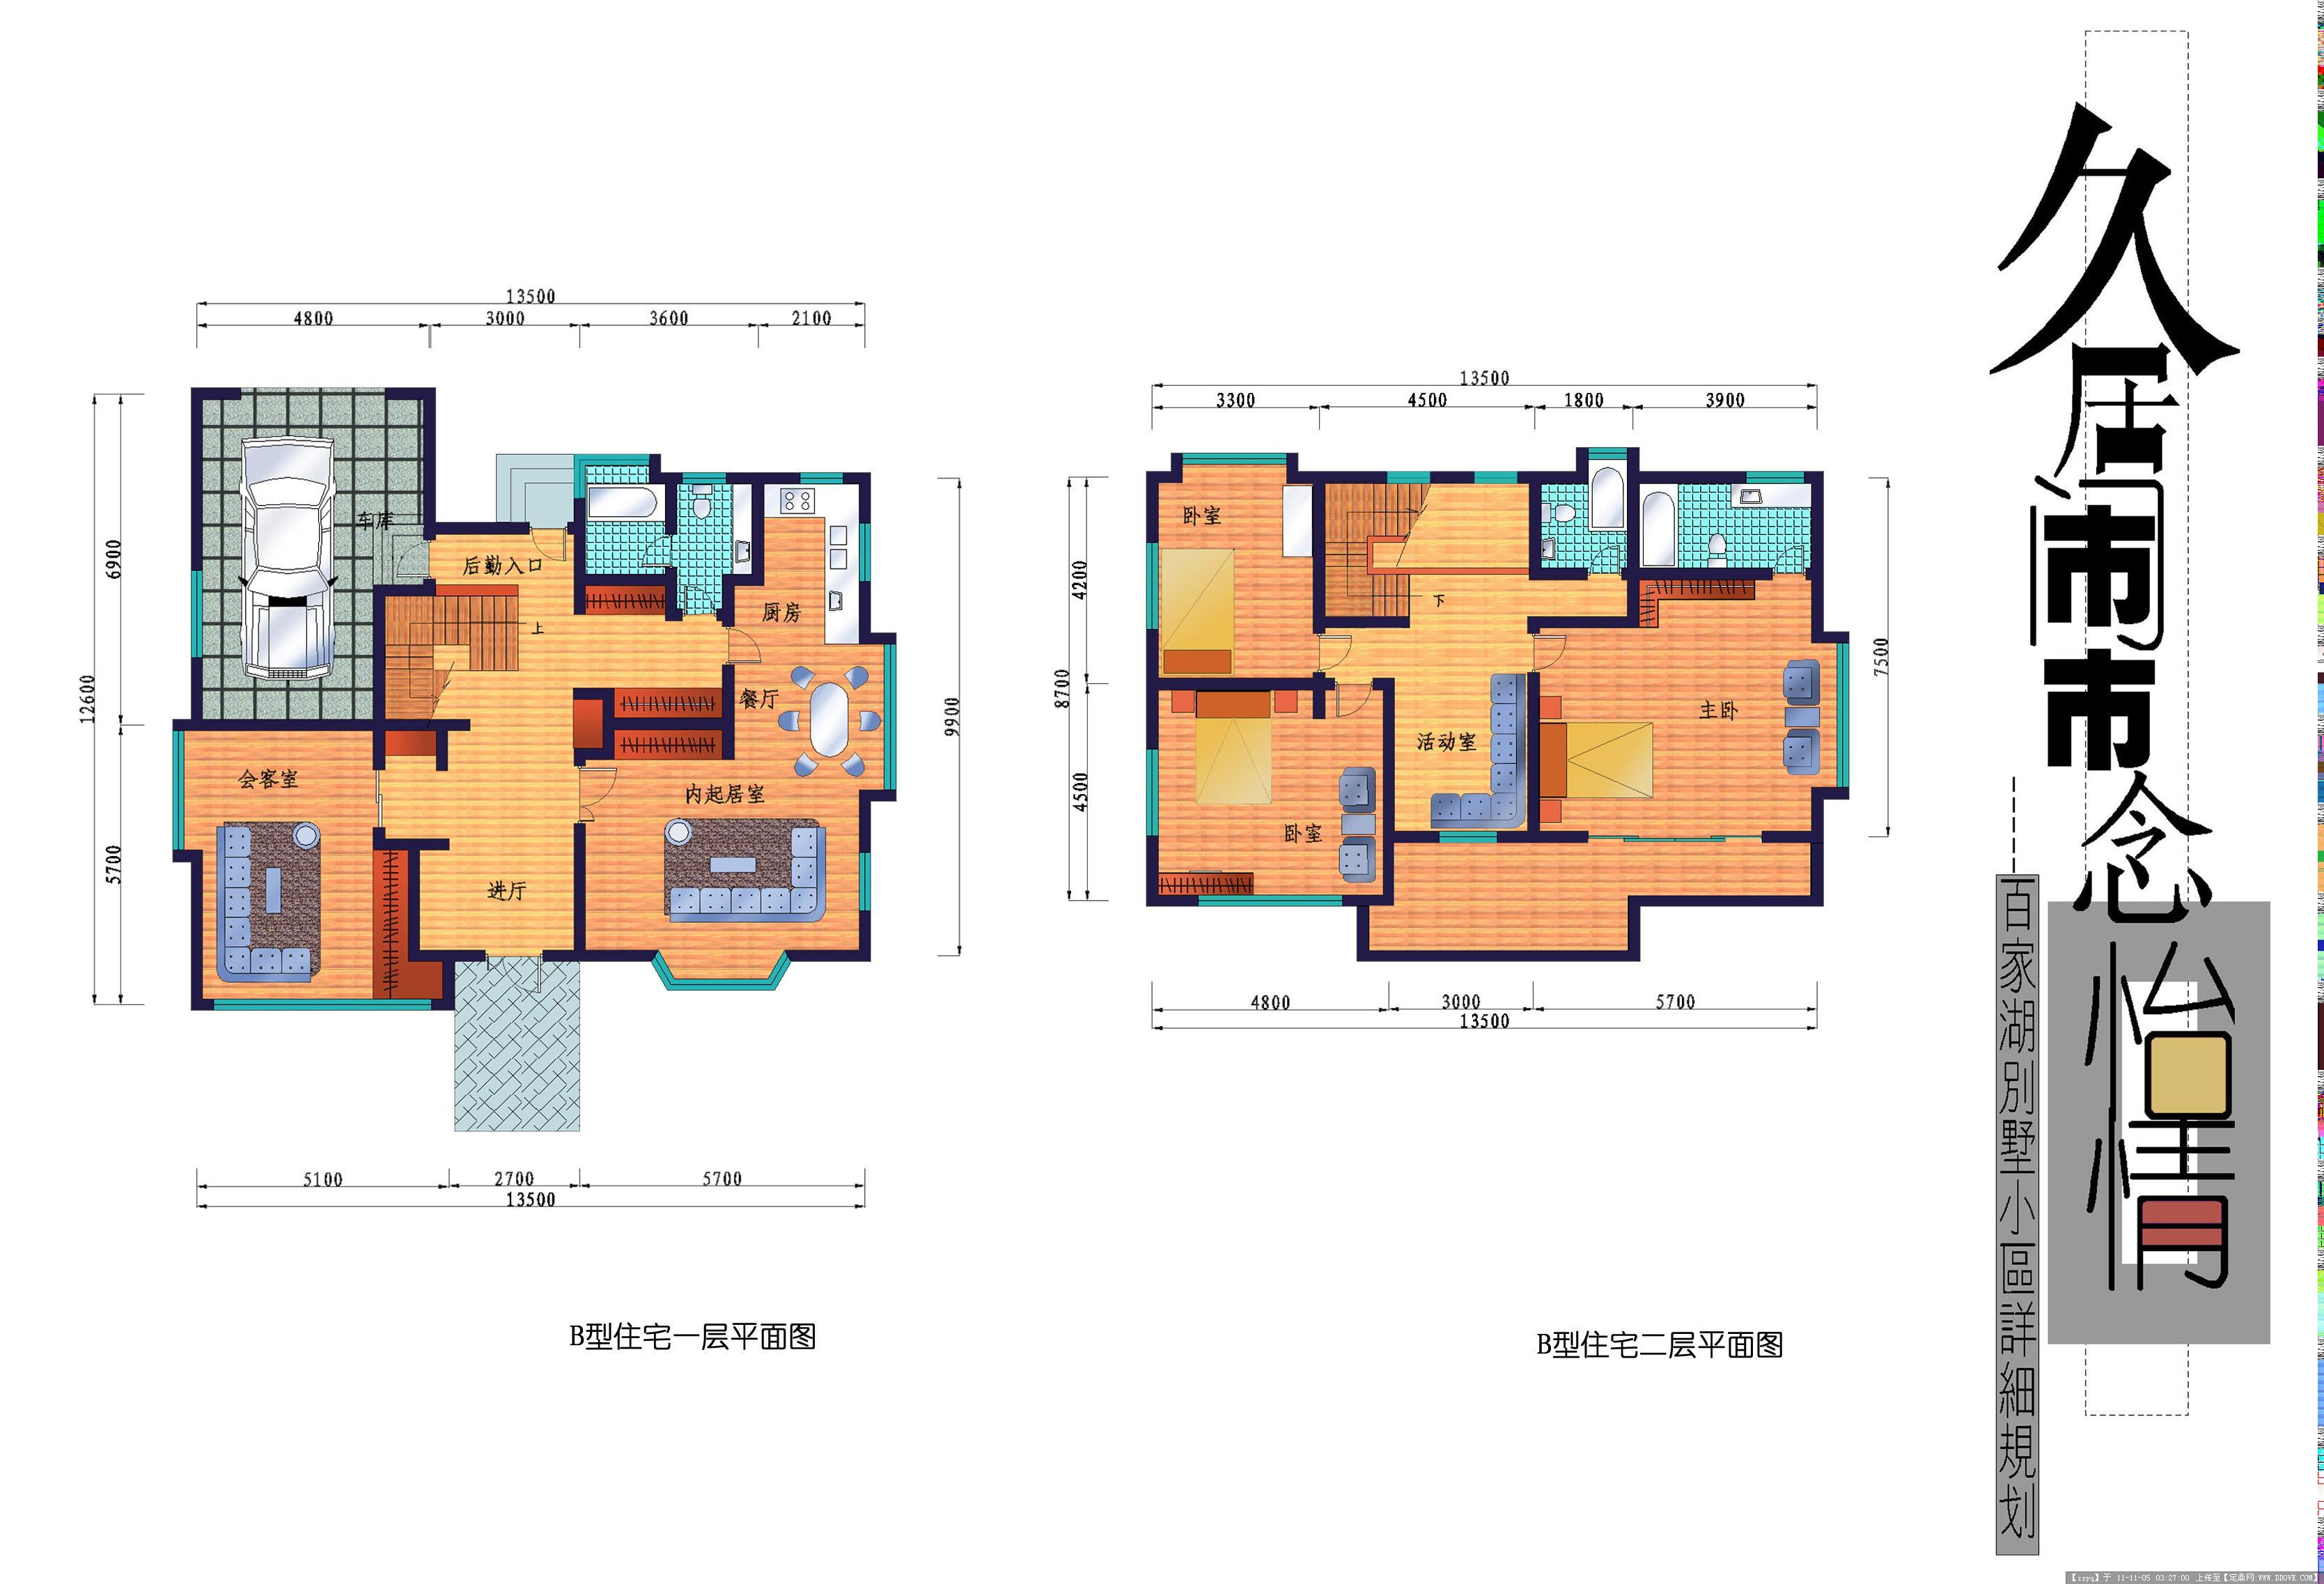 别墅户型平面图的图片浏览